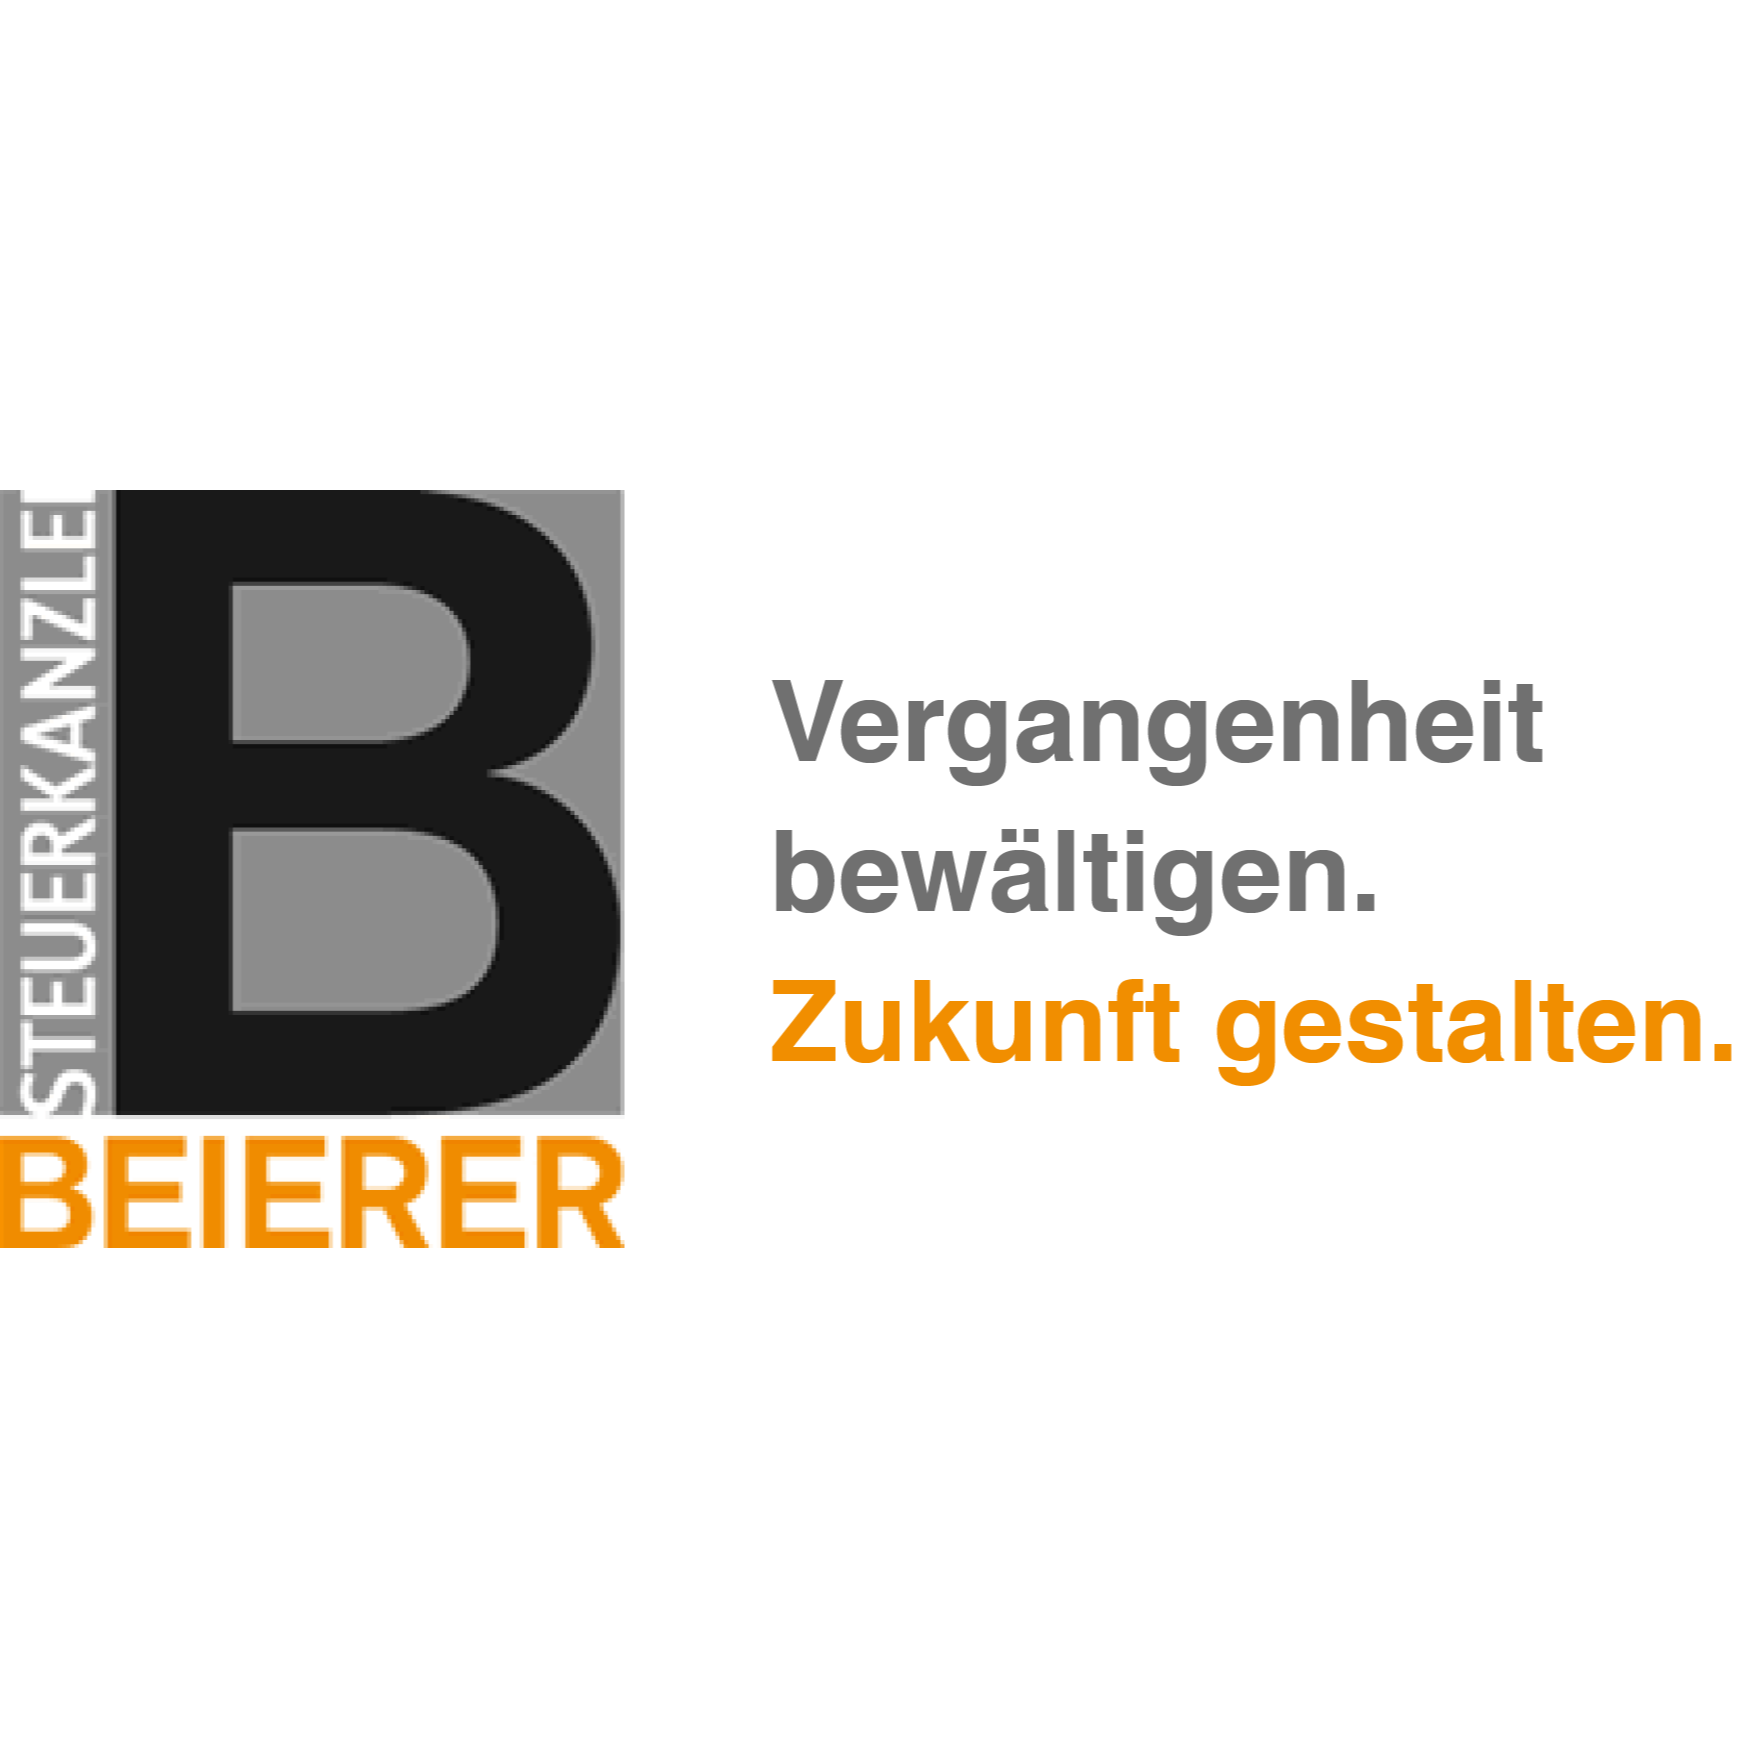 Bild zu Steuerkanzlei Beierer in Kelsterbach